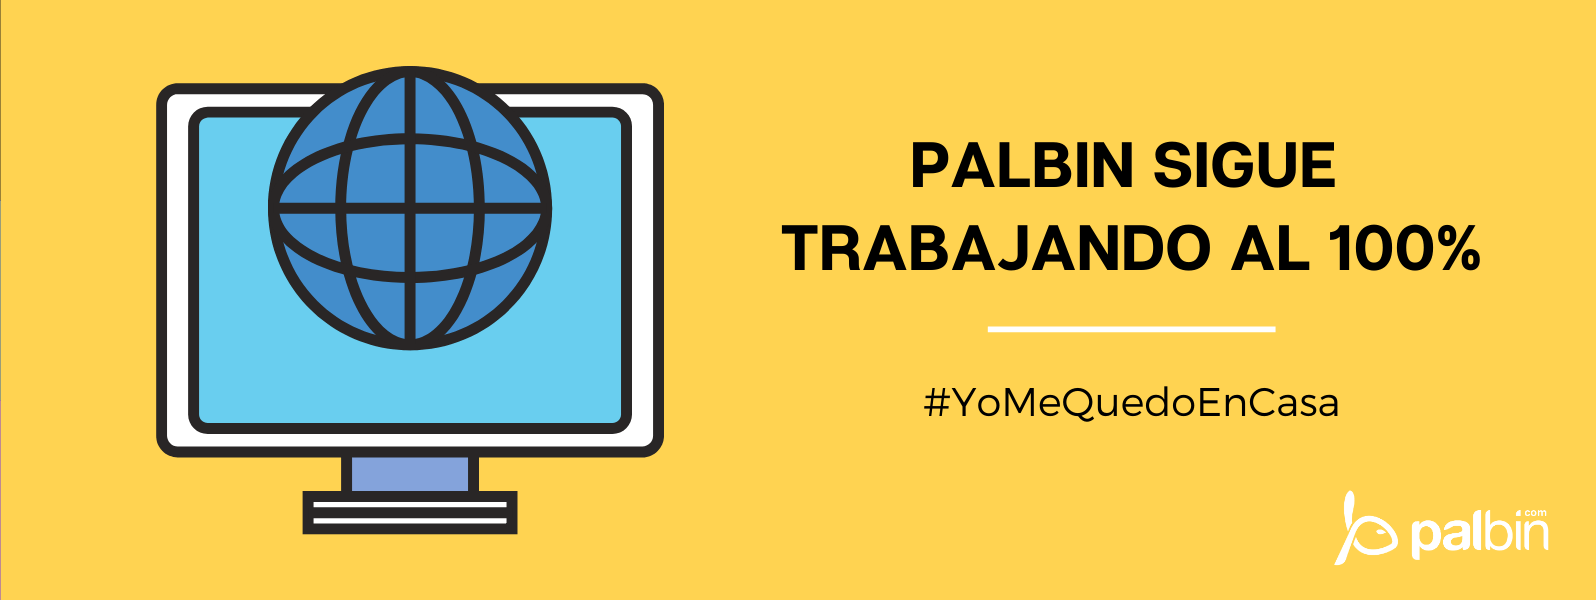 Palbin sigue trabajando al 100%, pero #YoMeQuedoEnCasa